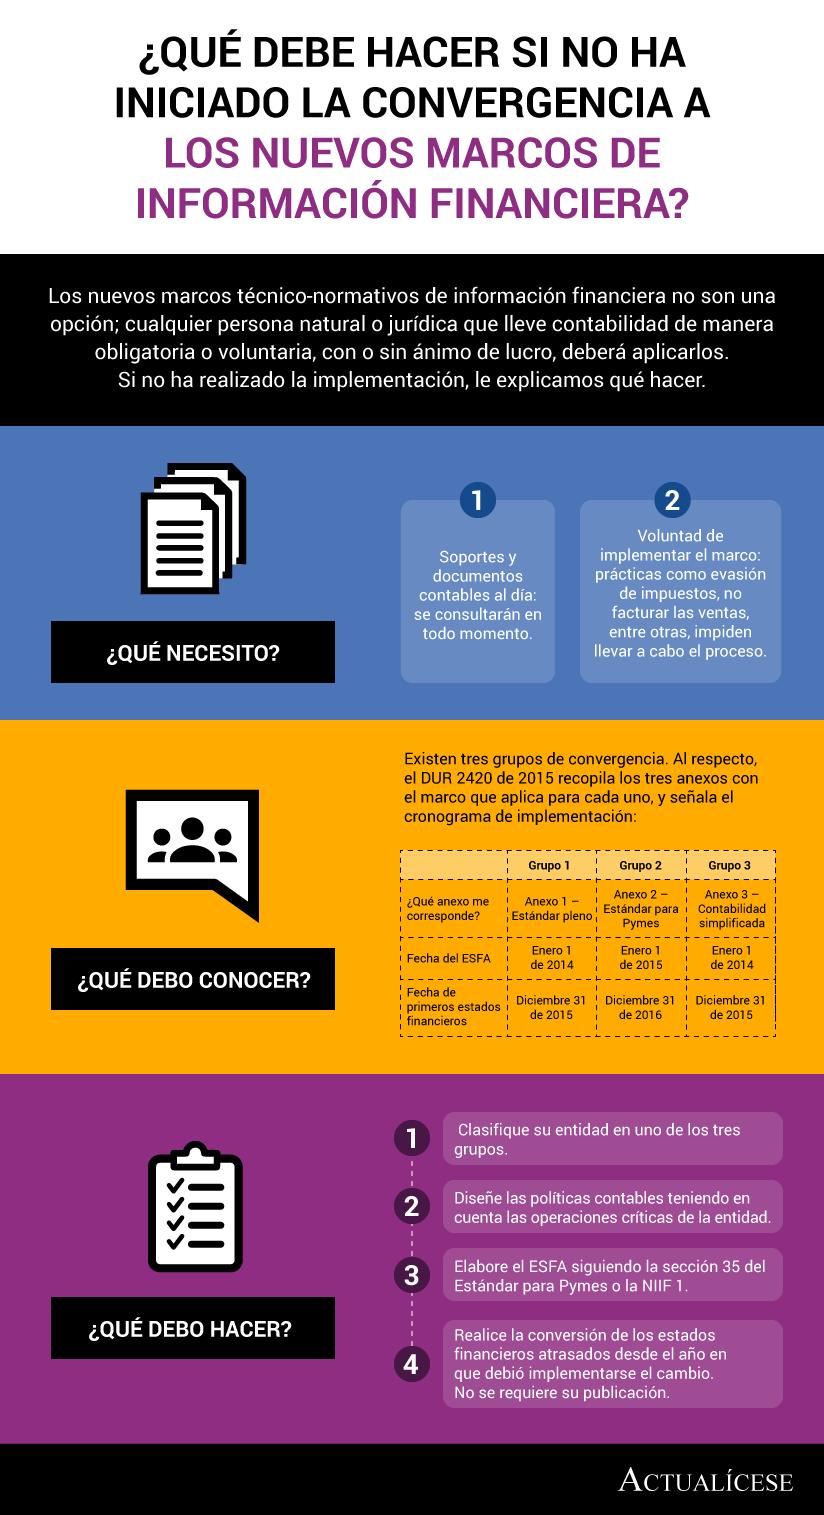 [Infografía] ¿Qué debe hacer si no ha iniciado la convergencia a los nuevos marcos de información financiera?